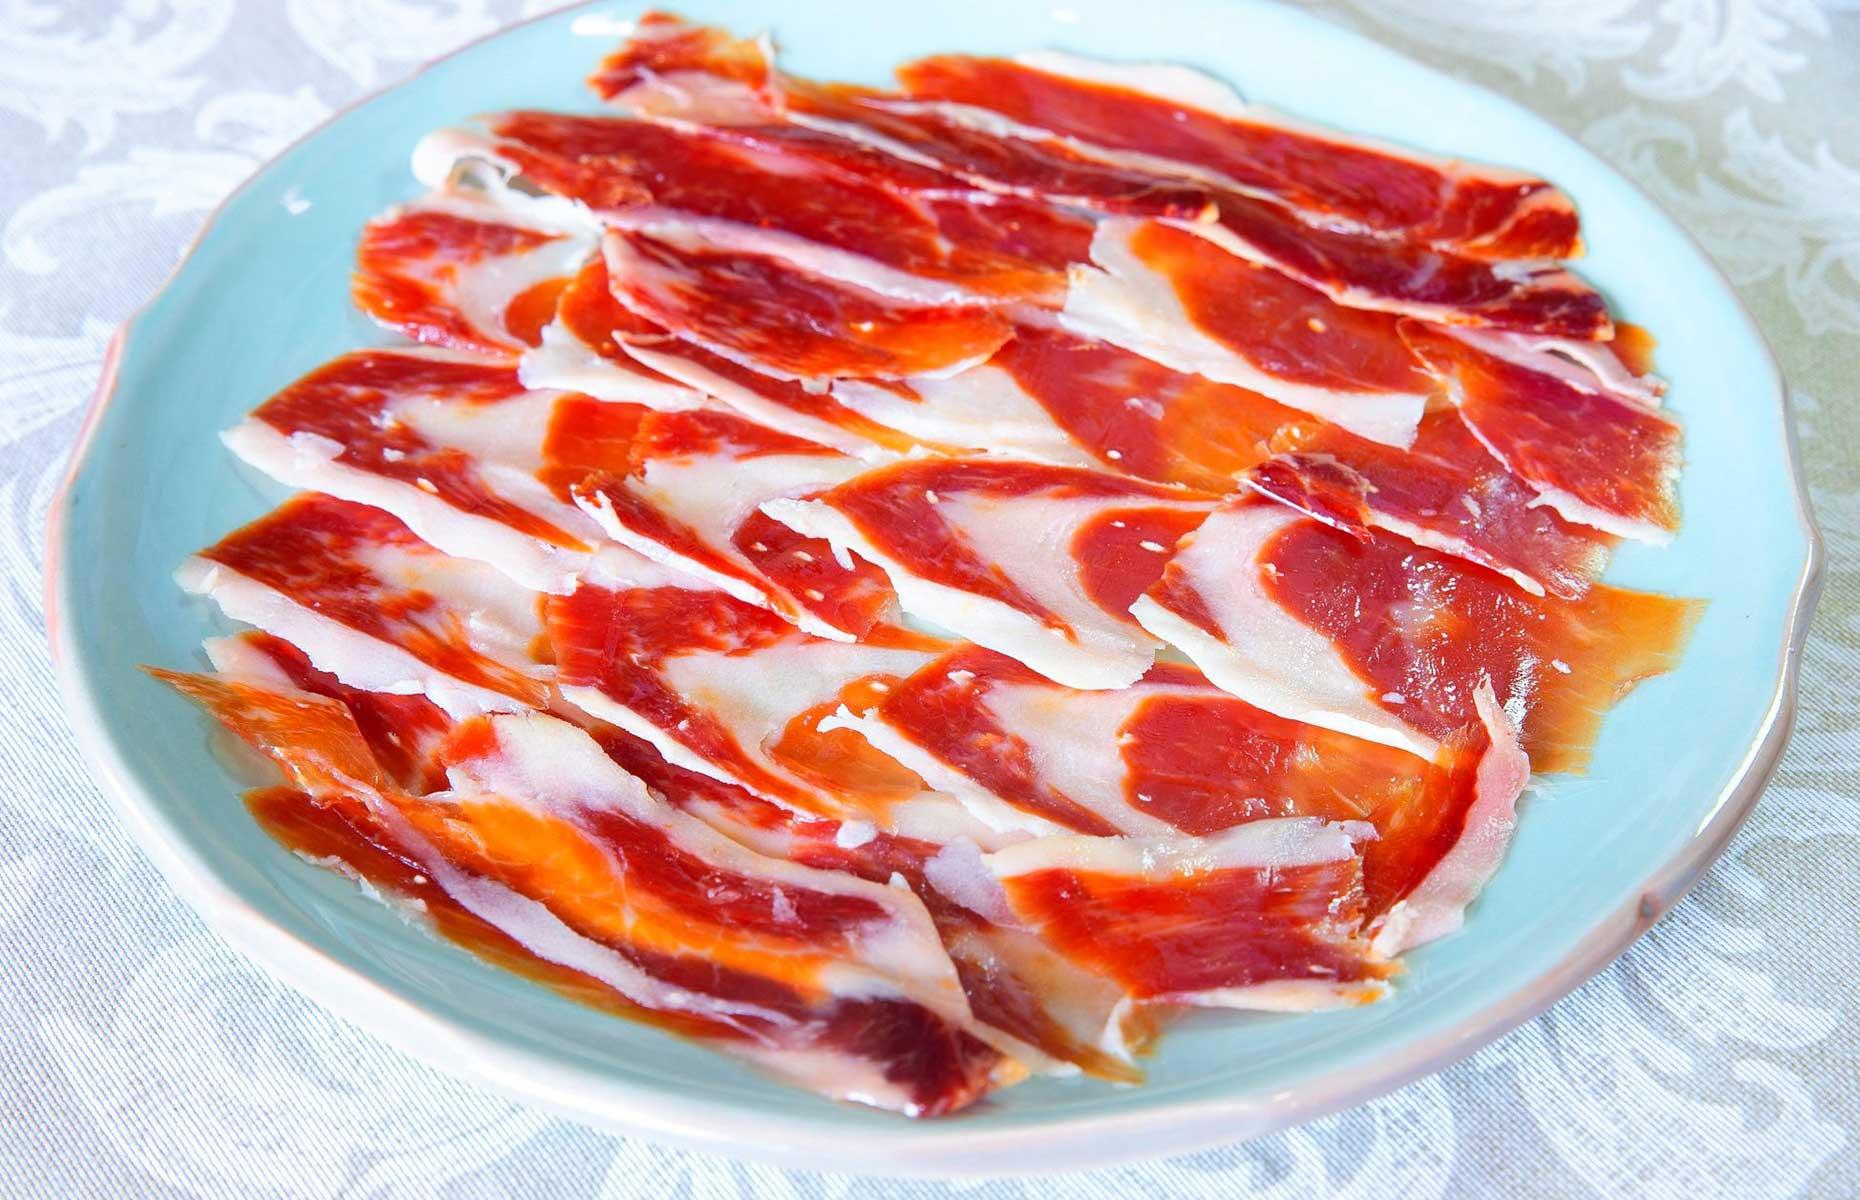 Jamón bellota at Bodegas Mezquita (Image: Bodegas Mezquita/Facebook)